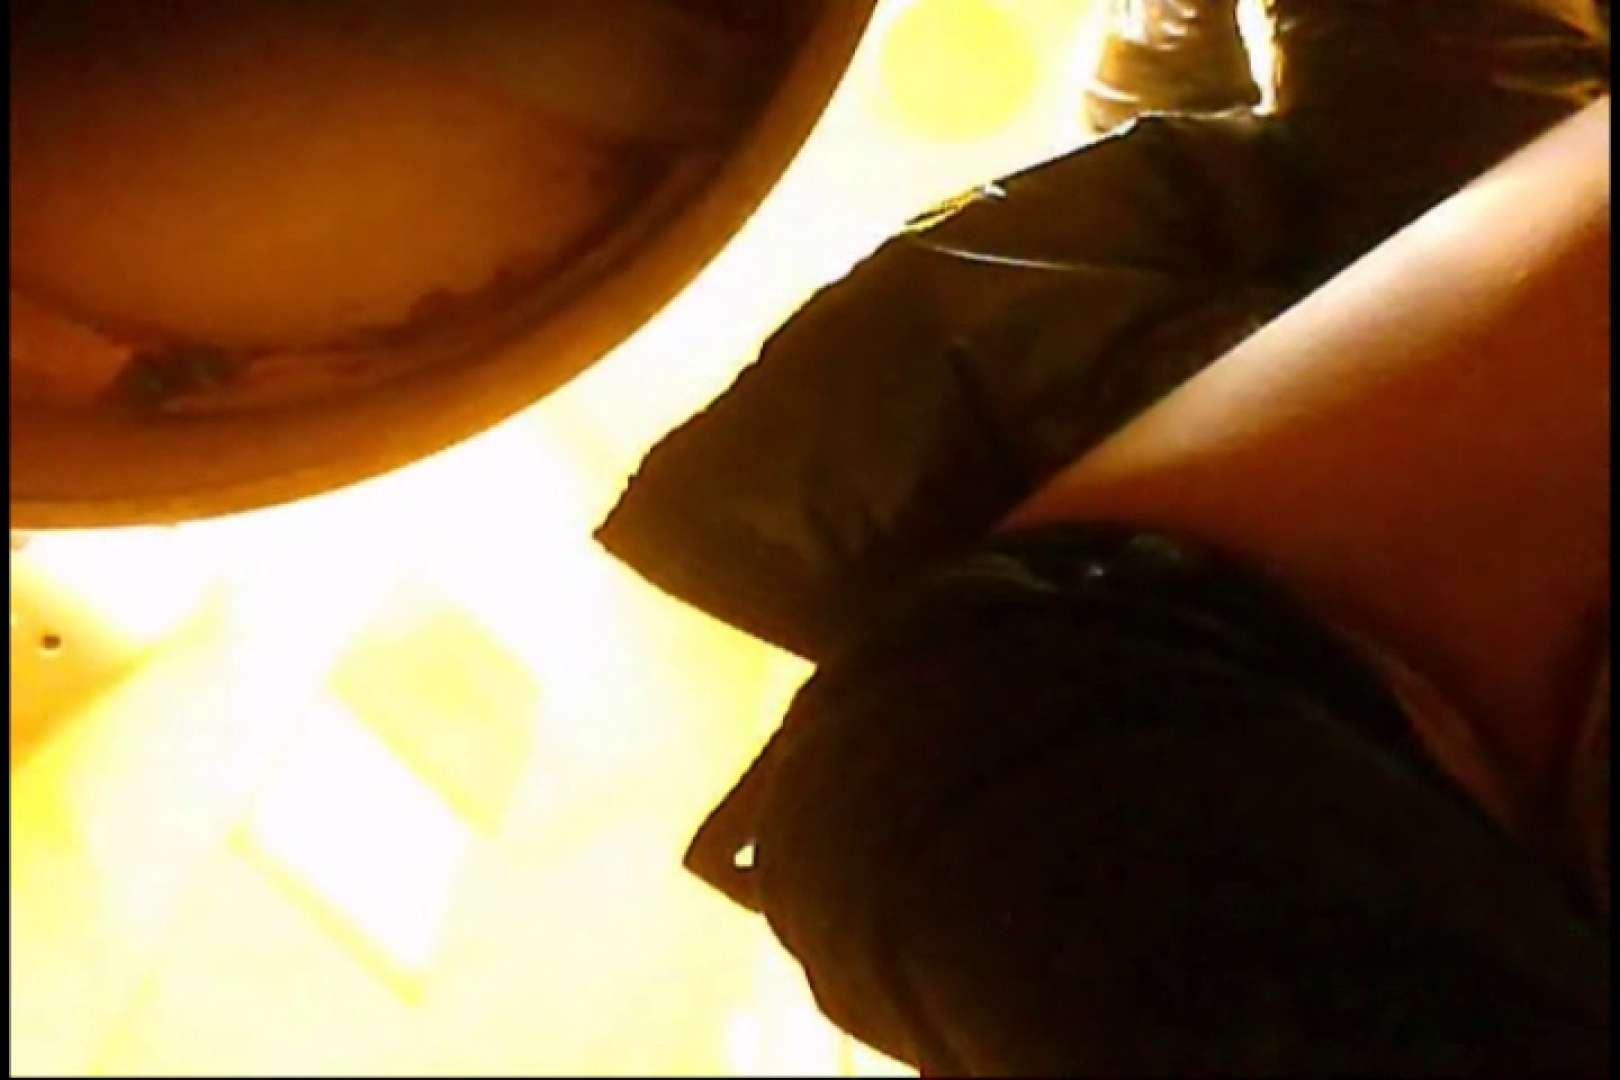 実録!魂の女子化粧室盗撮!!~隠れ潜む特殊カメラ~vo,20 熟女のエロ動画 おまんこ無修正動画無料 108PIX 47